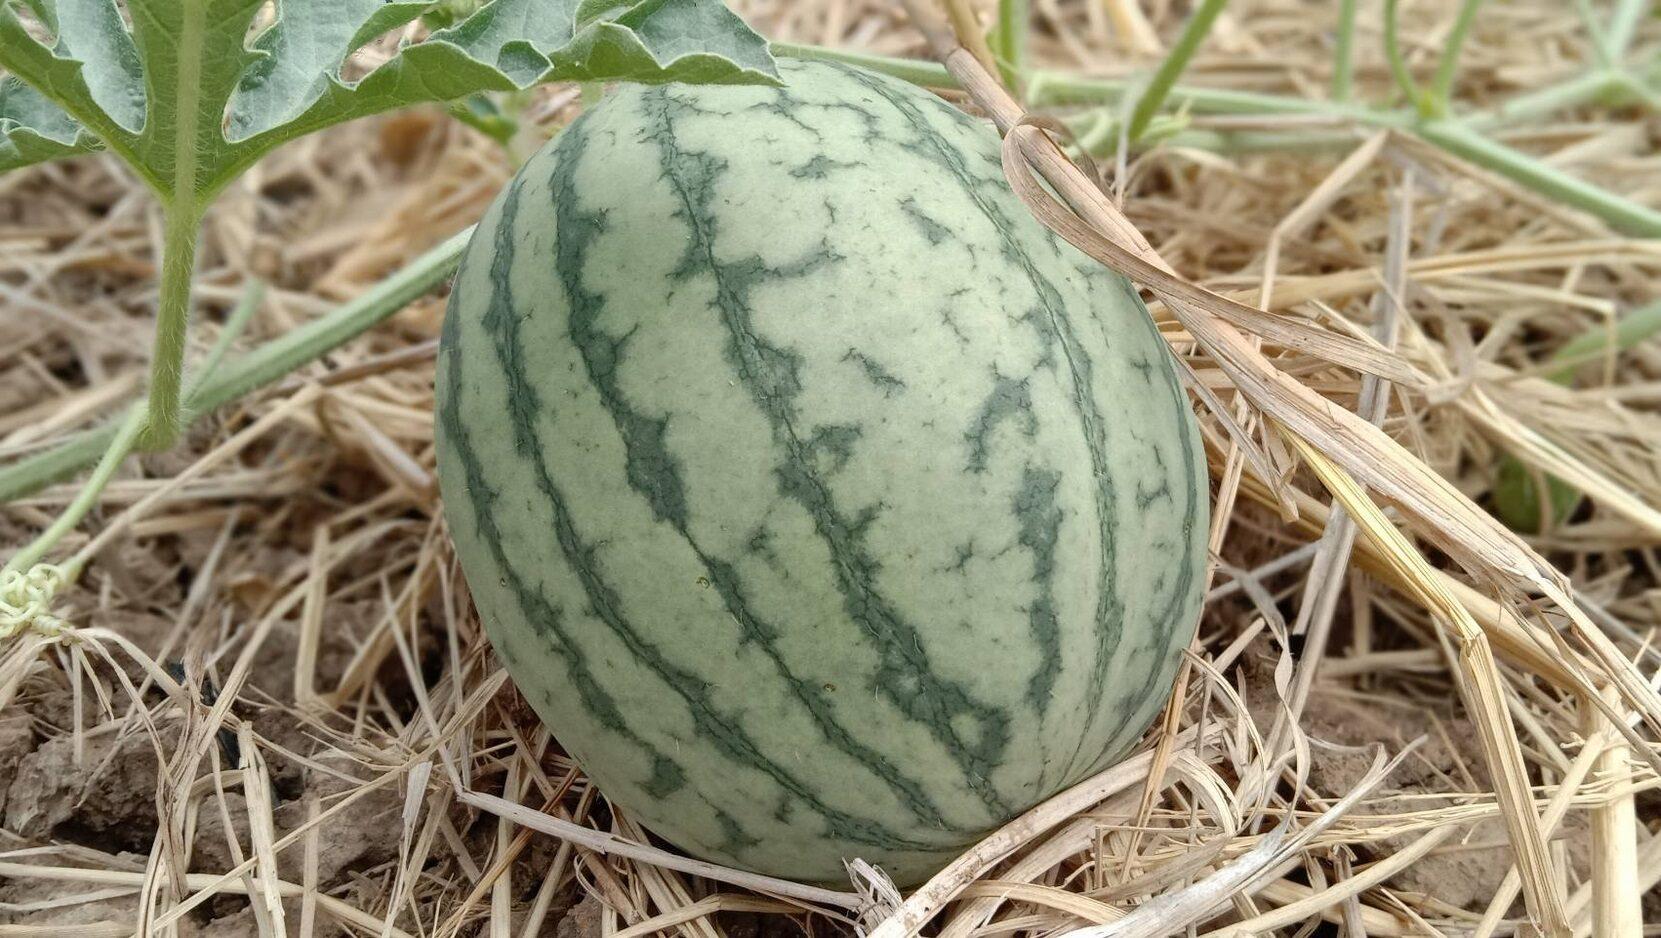 สู้แล้ง! เกษตรกรโคราชปลูกแตงโมน้ำหยดปลอดสารพิษ แทนปลูกข้าวนาปรังโกยรายได้เป็นแสน (มีคลิป)